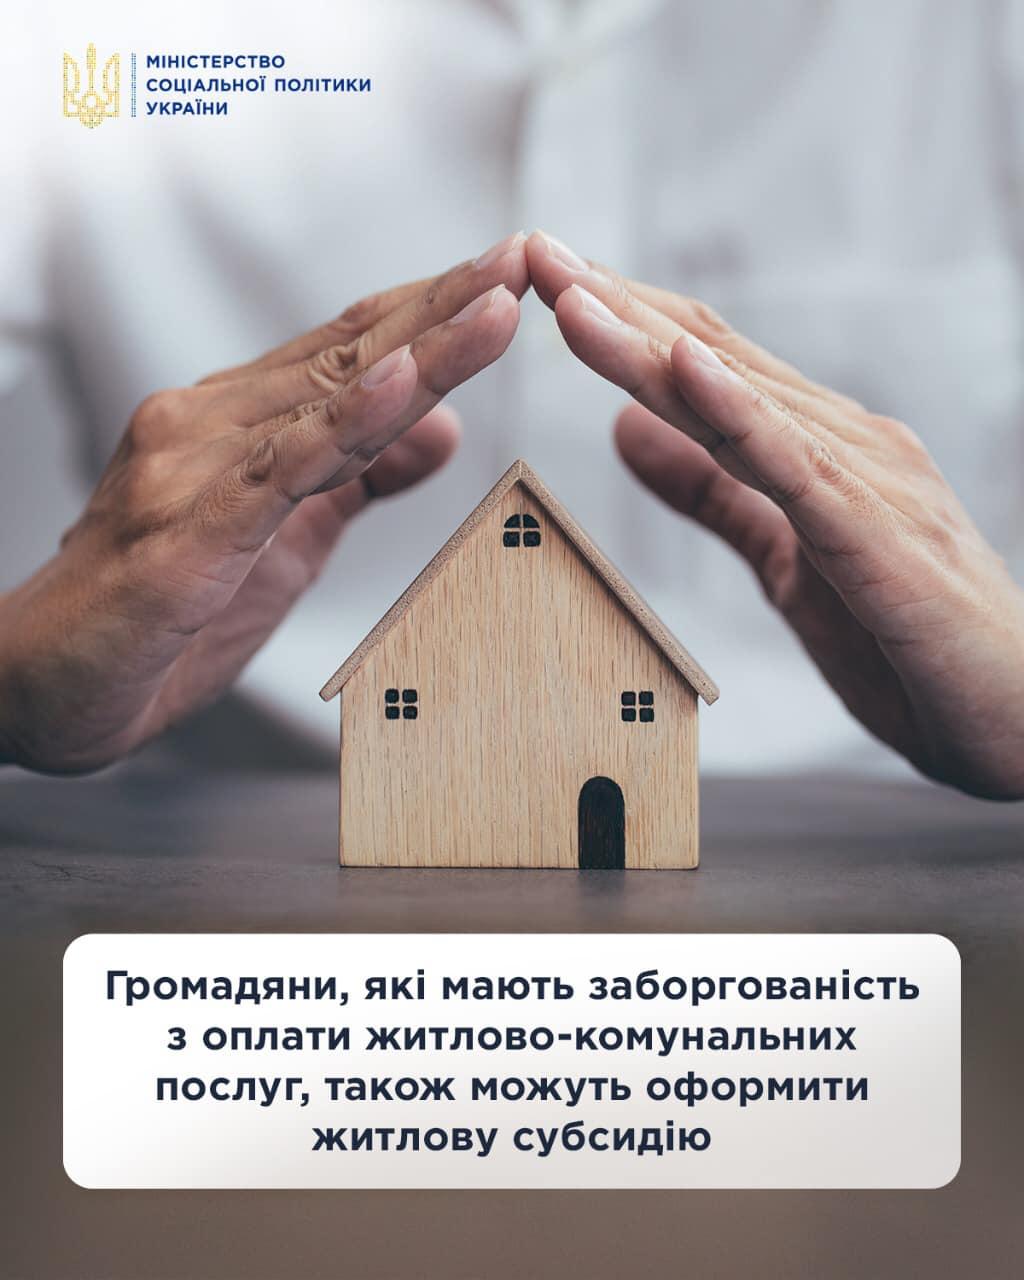 Громадяни, які мають заборгованість з оплати житлово-комунальних послуг, також можуть оформити житлову субсидію